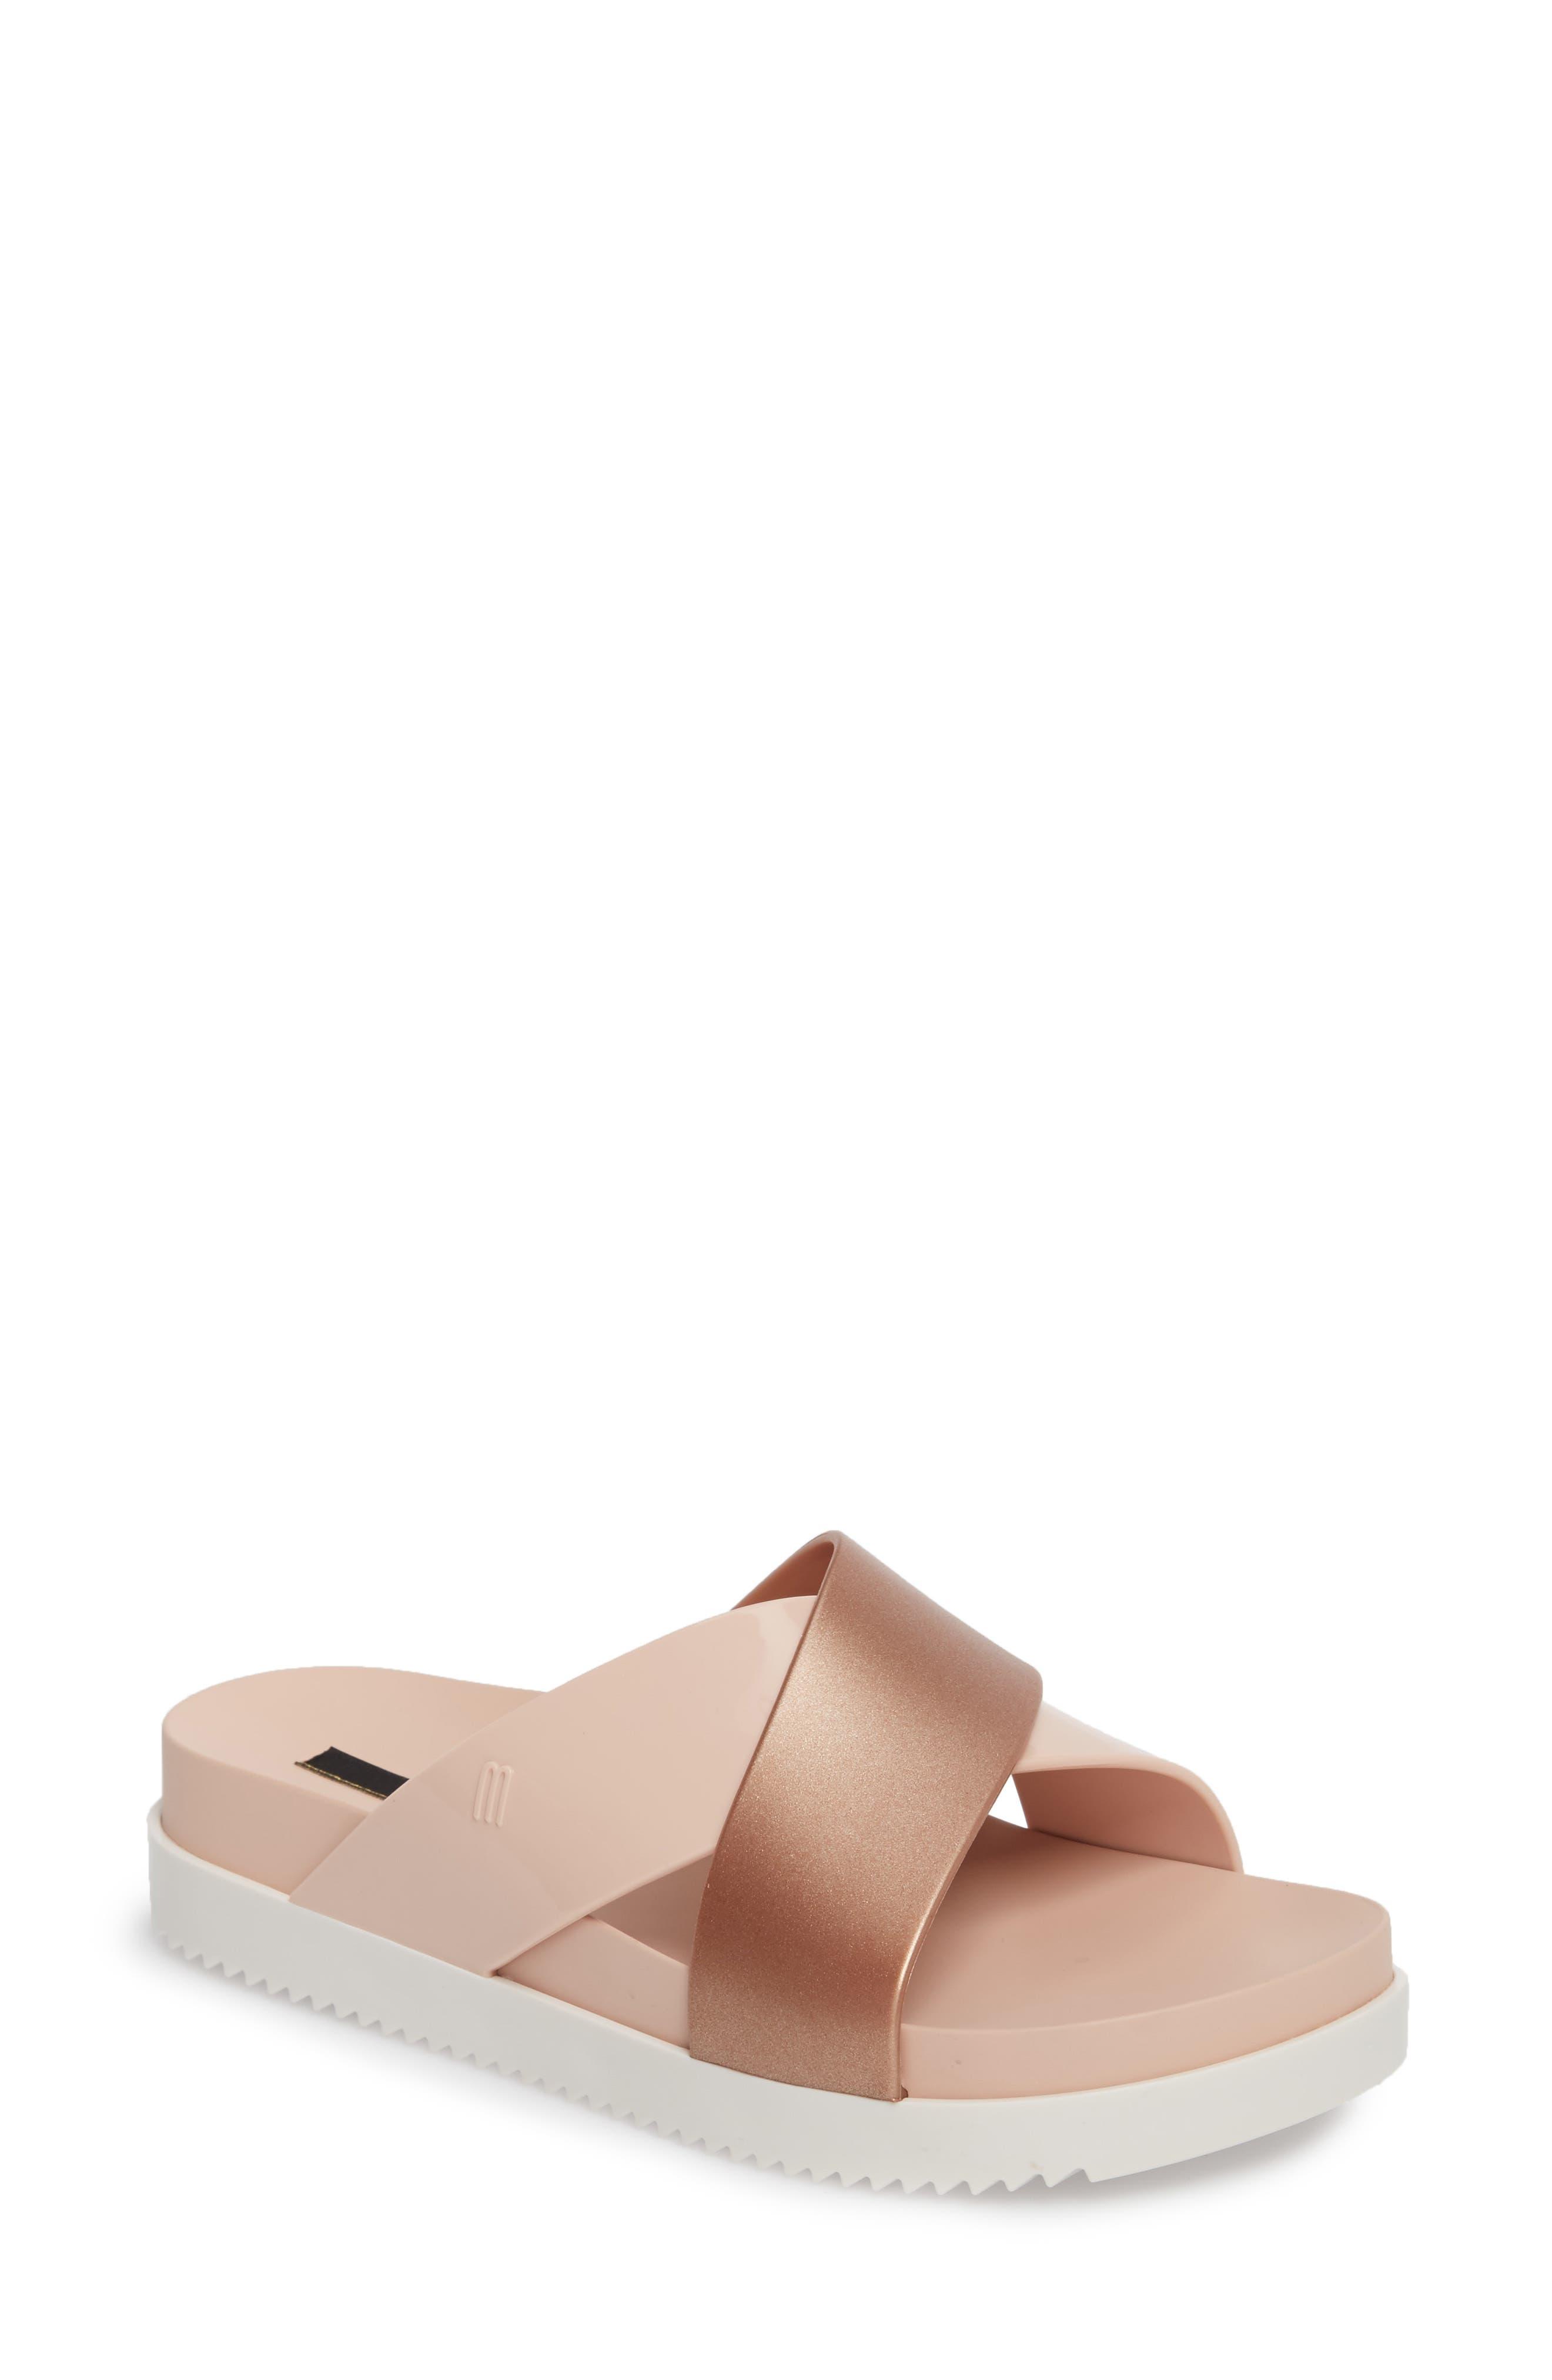 Cosmic II Sandal,                         Main,                         color, Pink